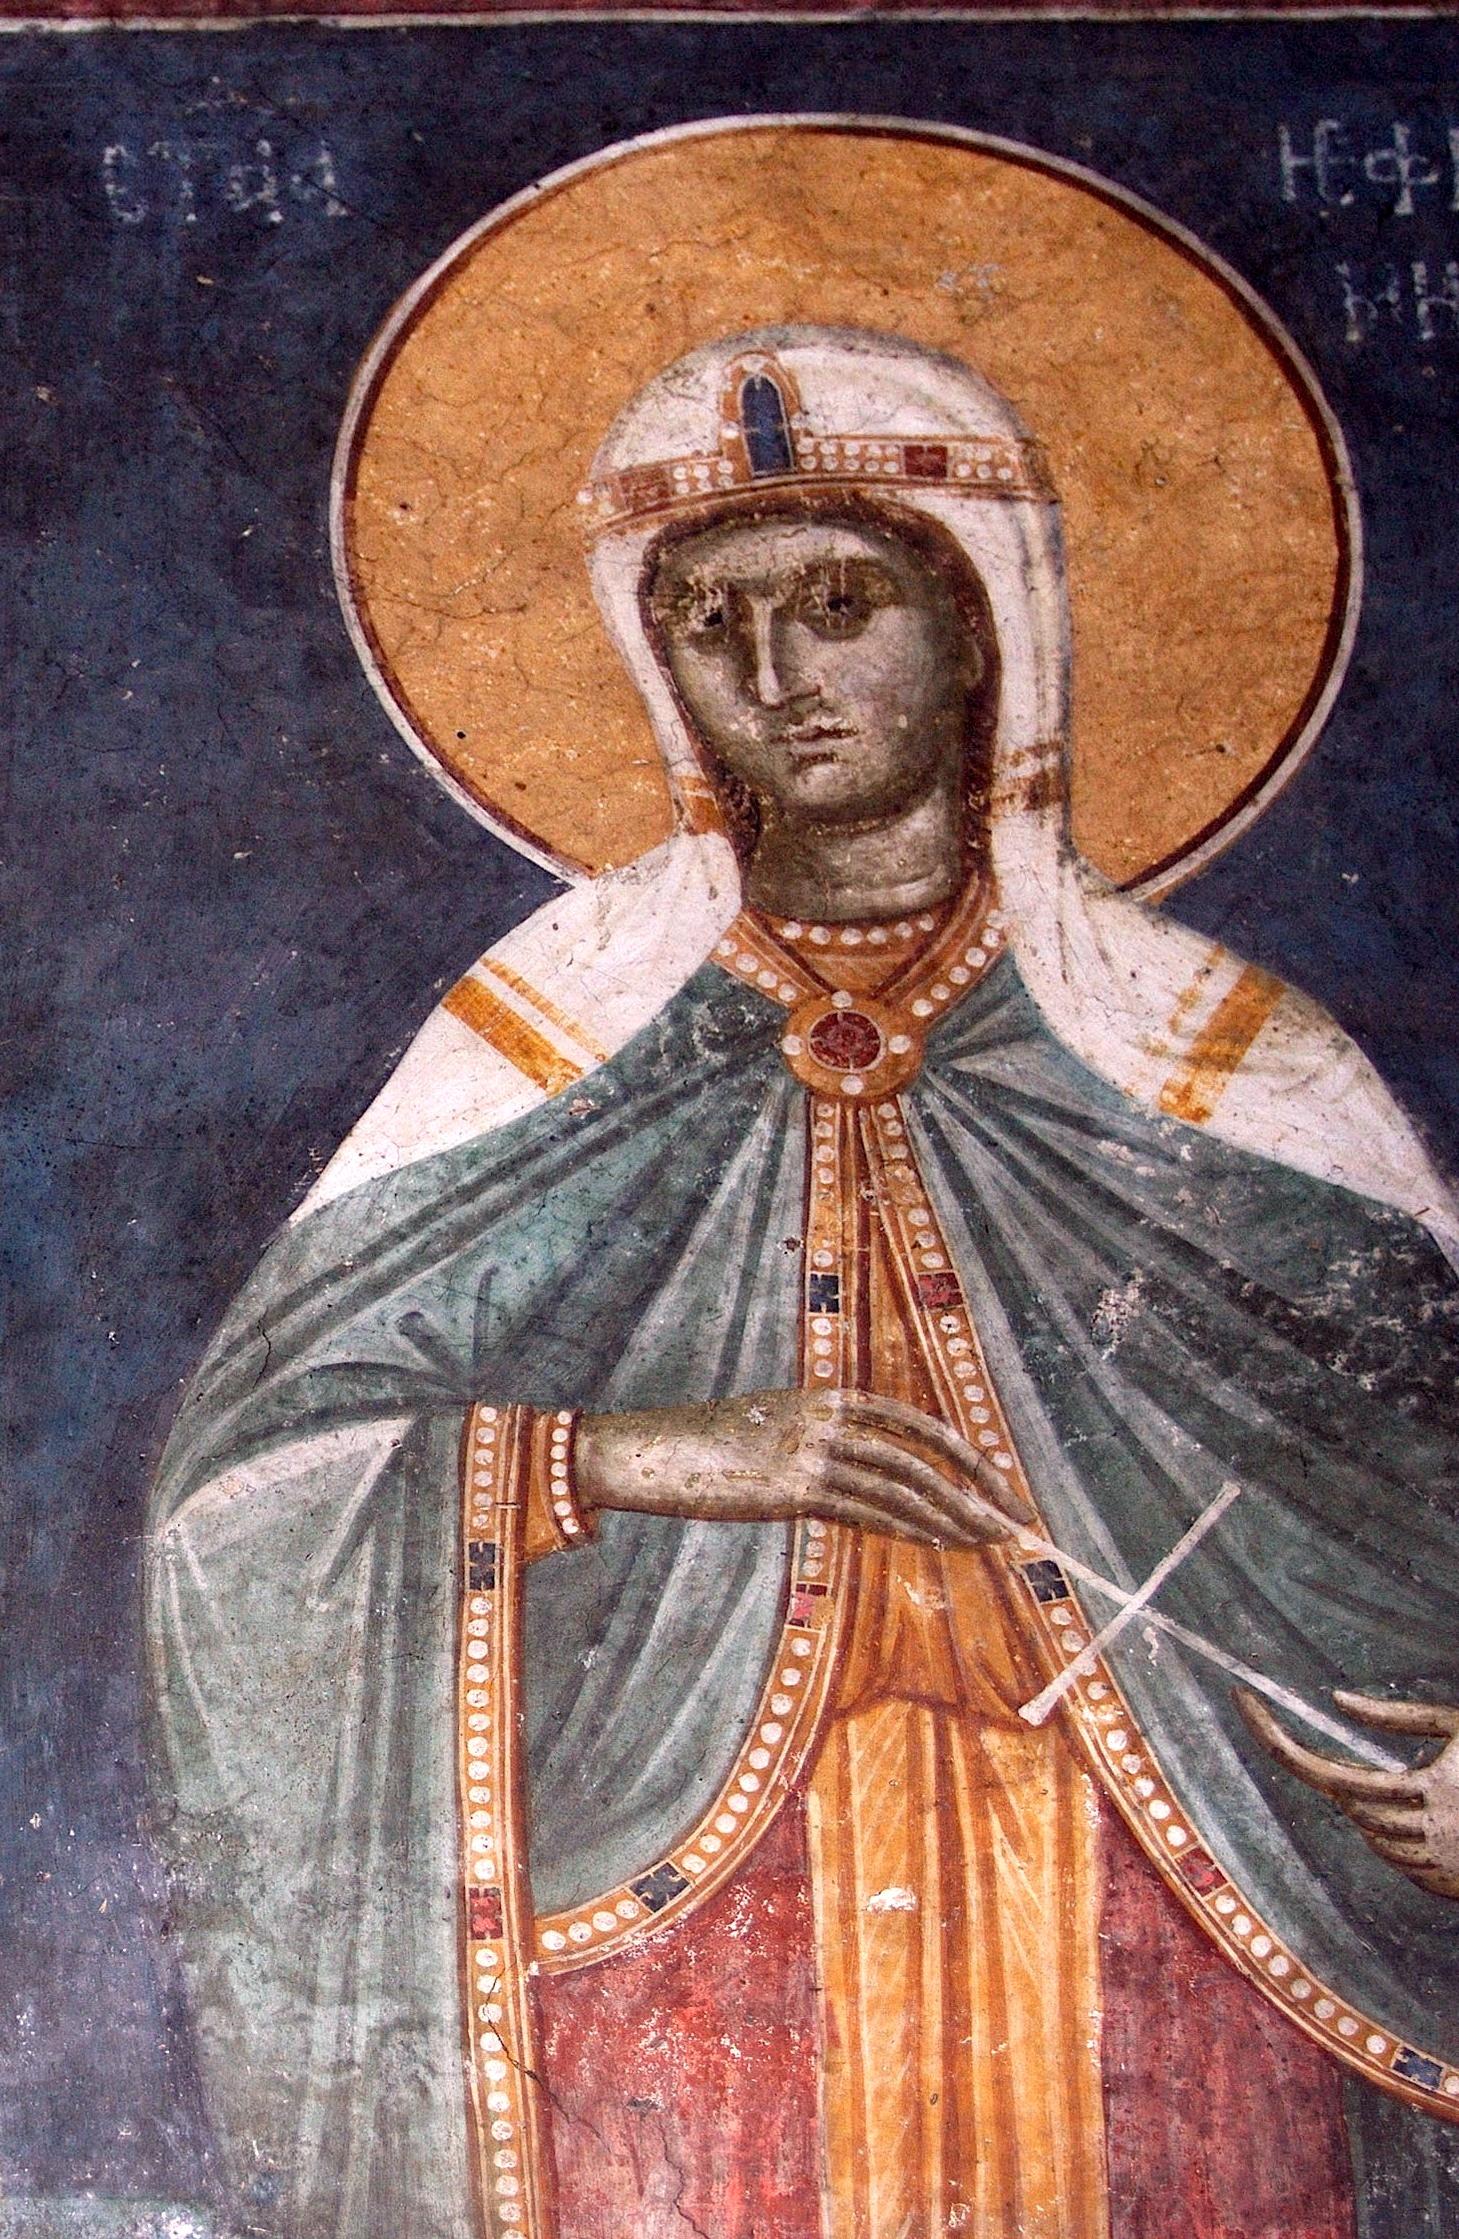 Святая Великомученица Евфимия Всехвальная. Фреска монастыря Грачаница, Косово, Сербия. Около 1320 года.